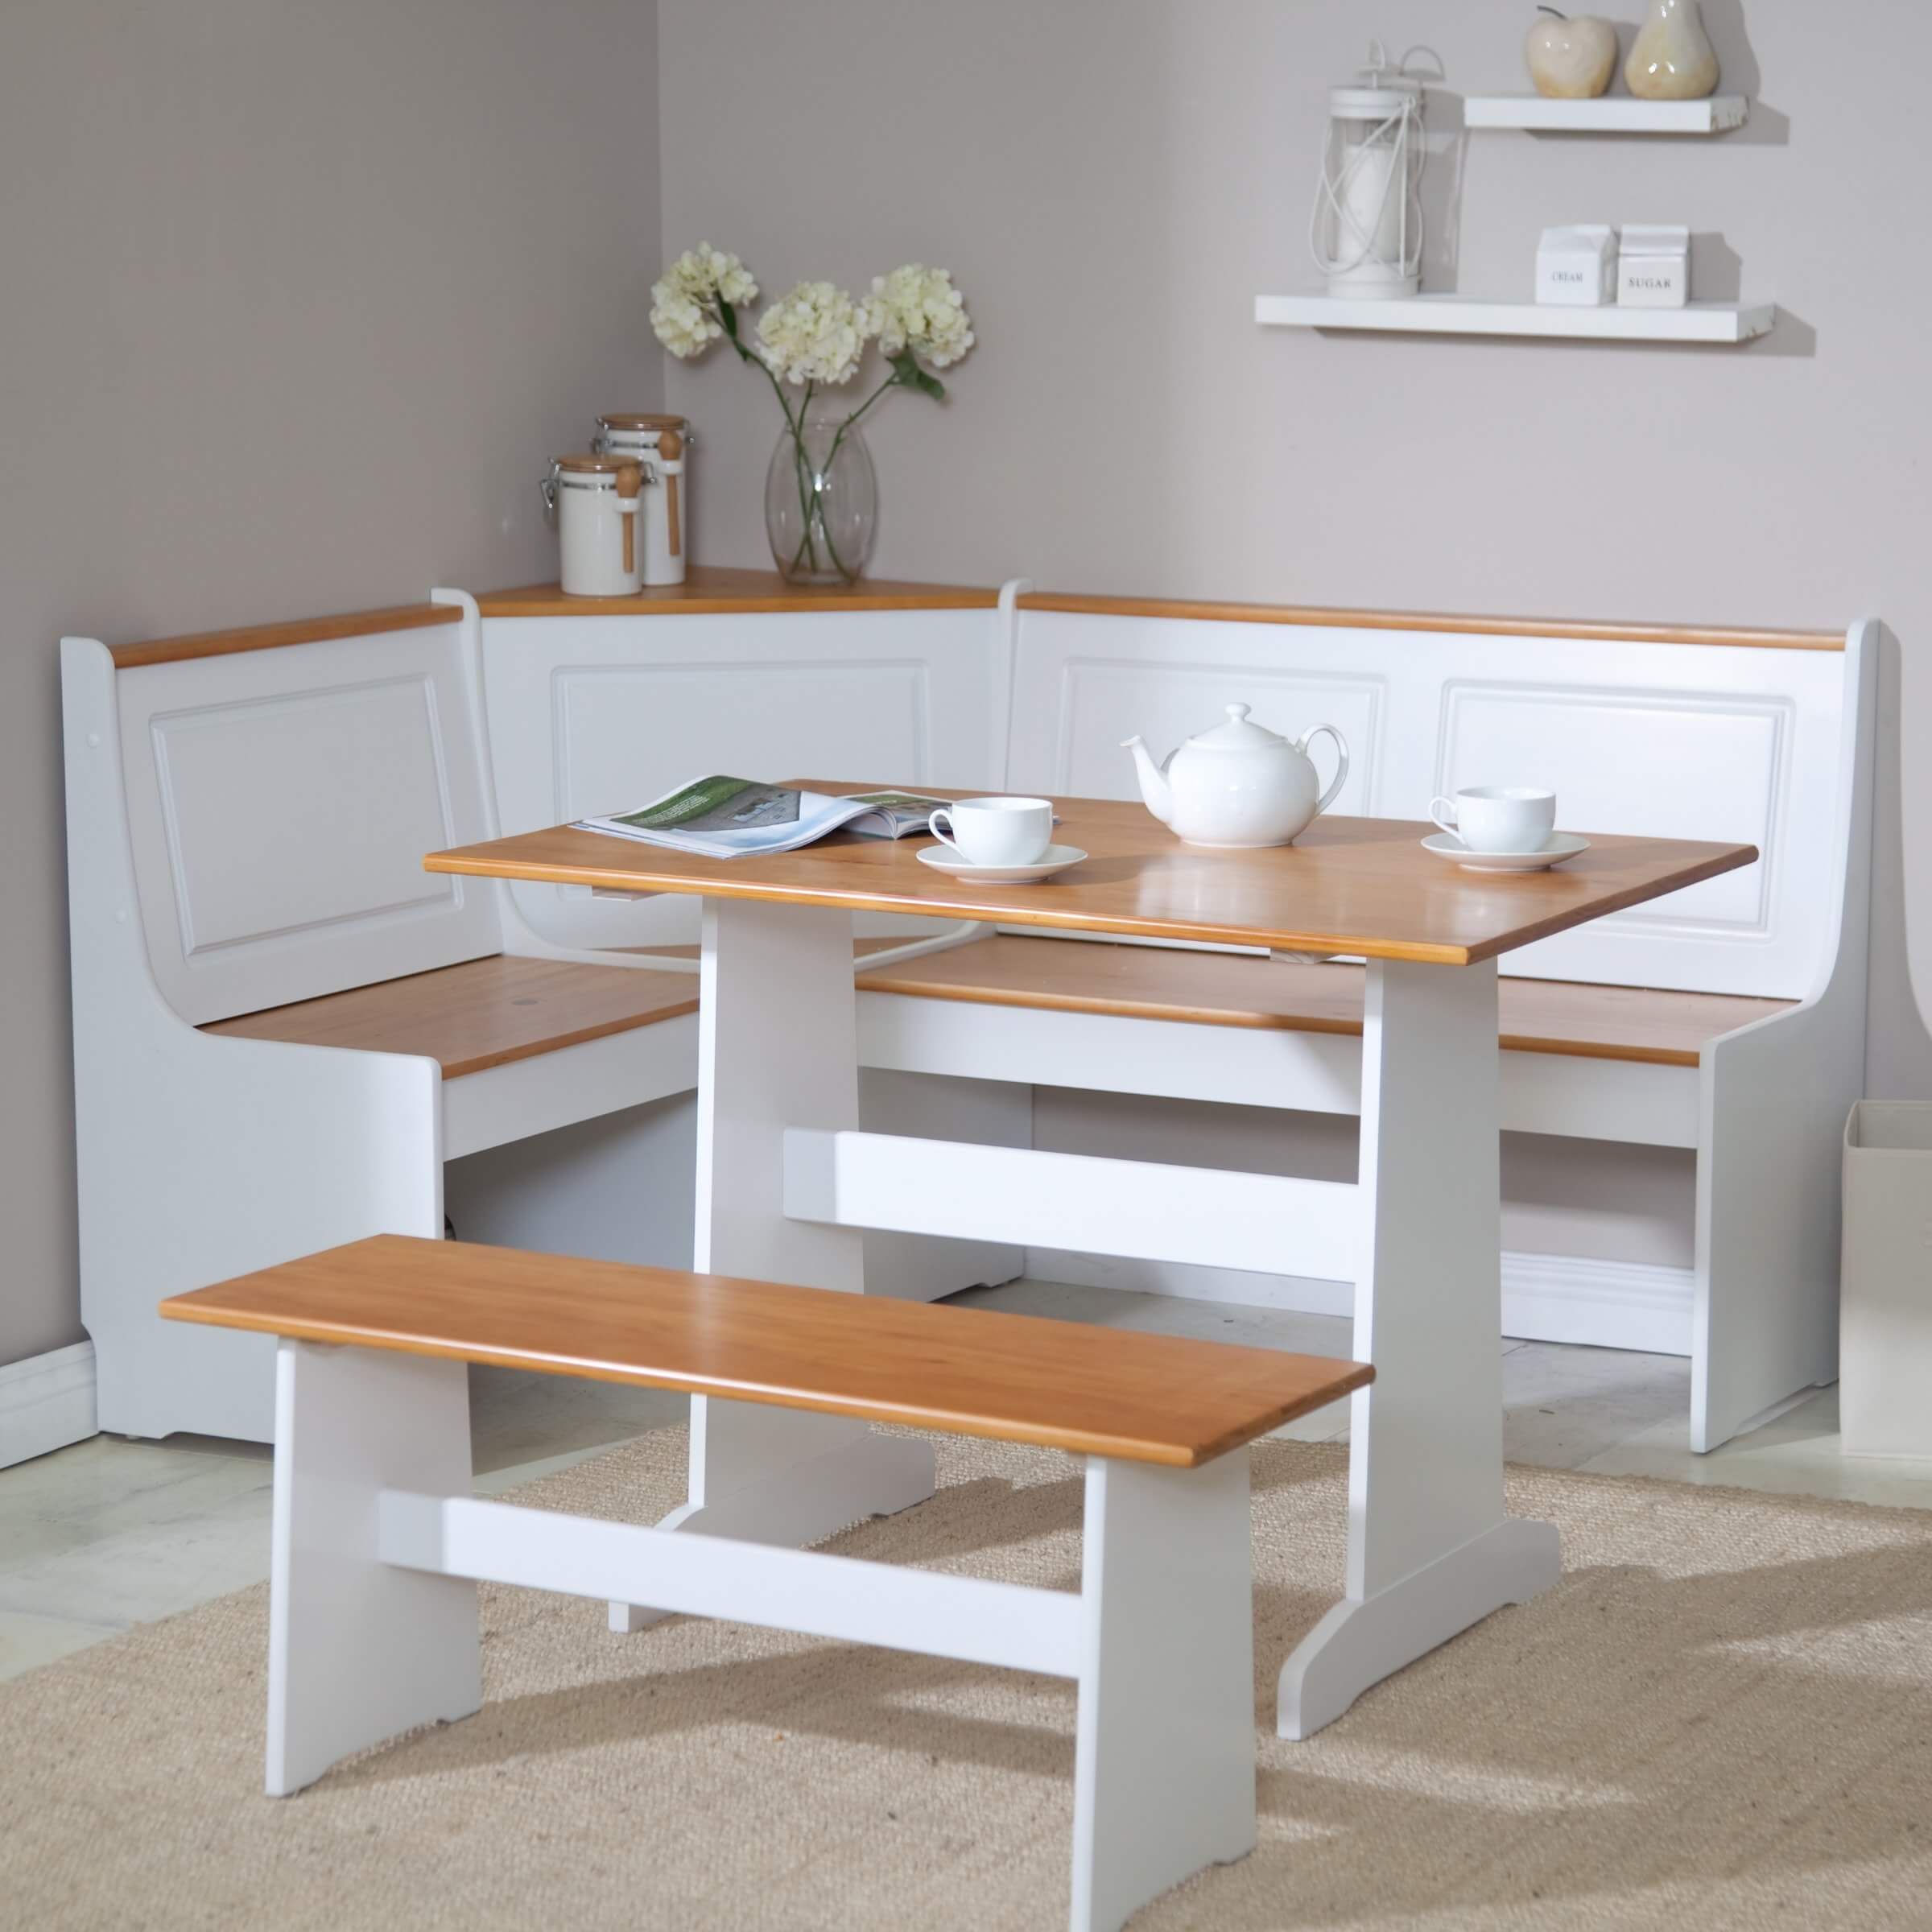 breakfast nook furniture sets kitchen table sets Ardmore Breakfast Nook Set